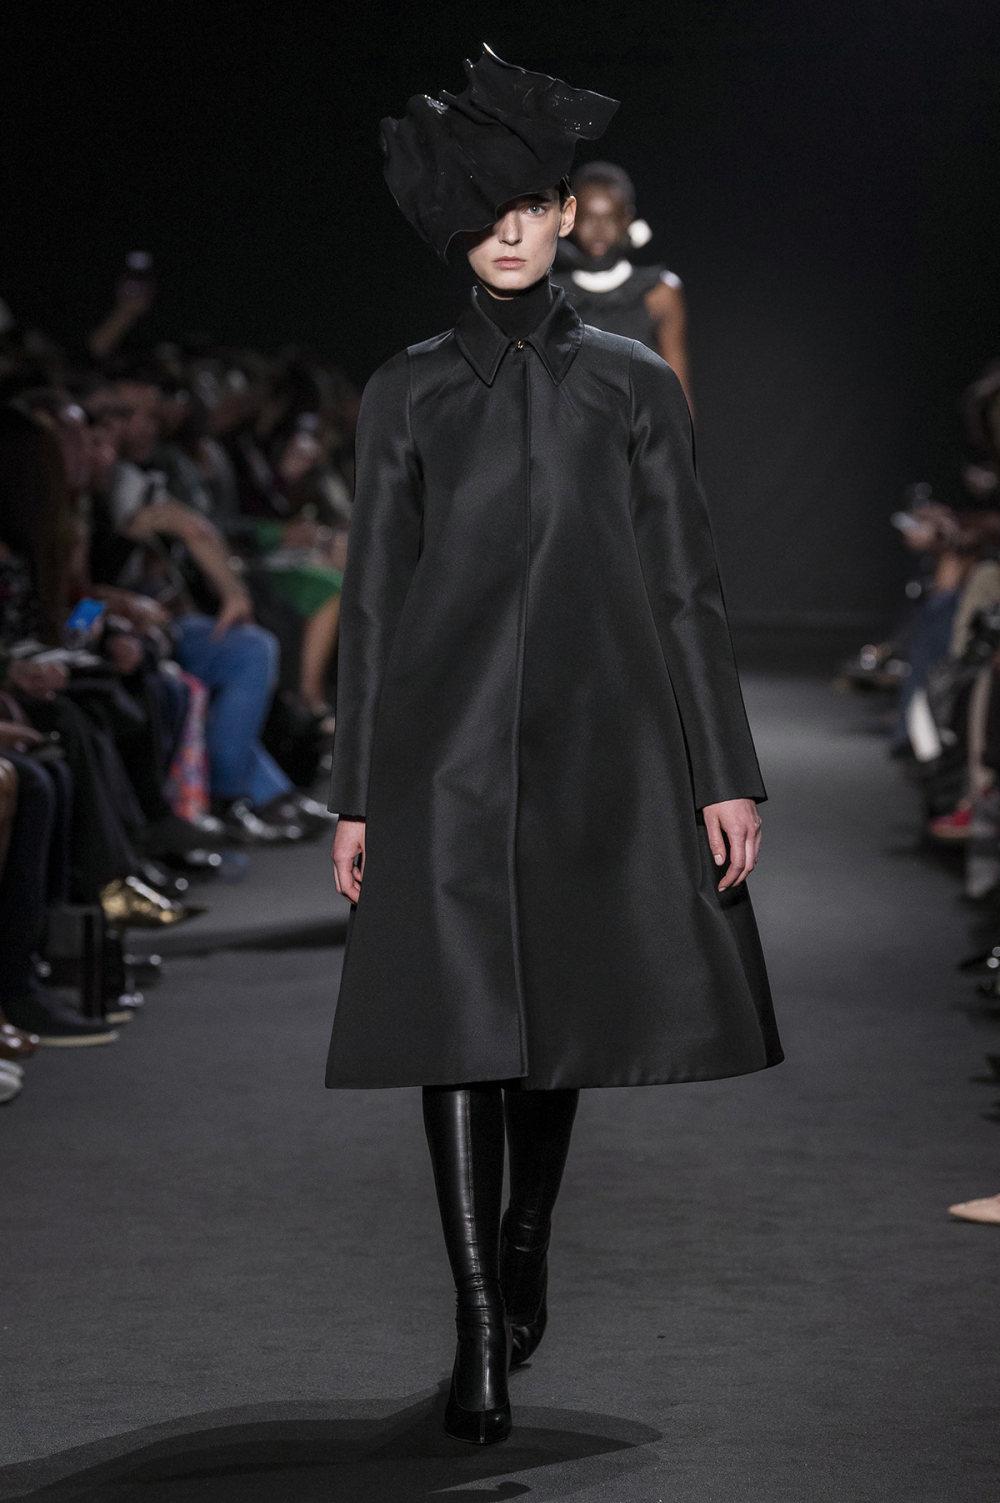 Rochas时装系列黑色无领斜纹软呢褶皱的黑色裙身饰有超细短袖衬衫-30.jpg